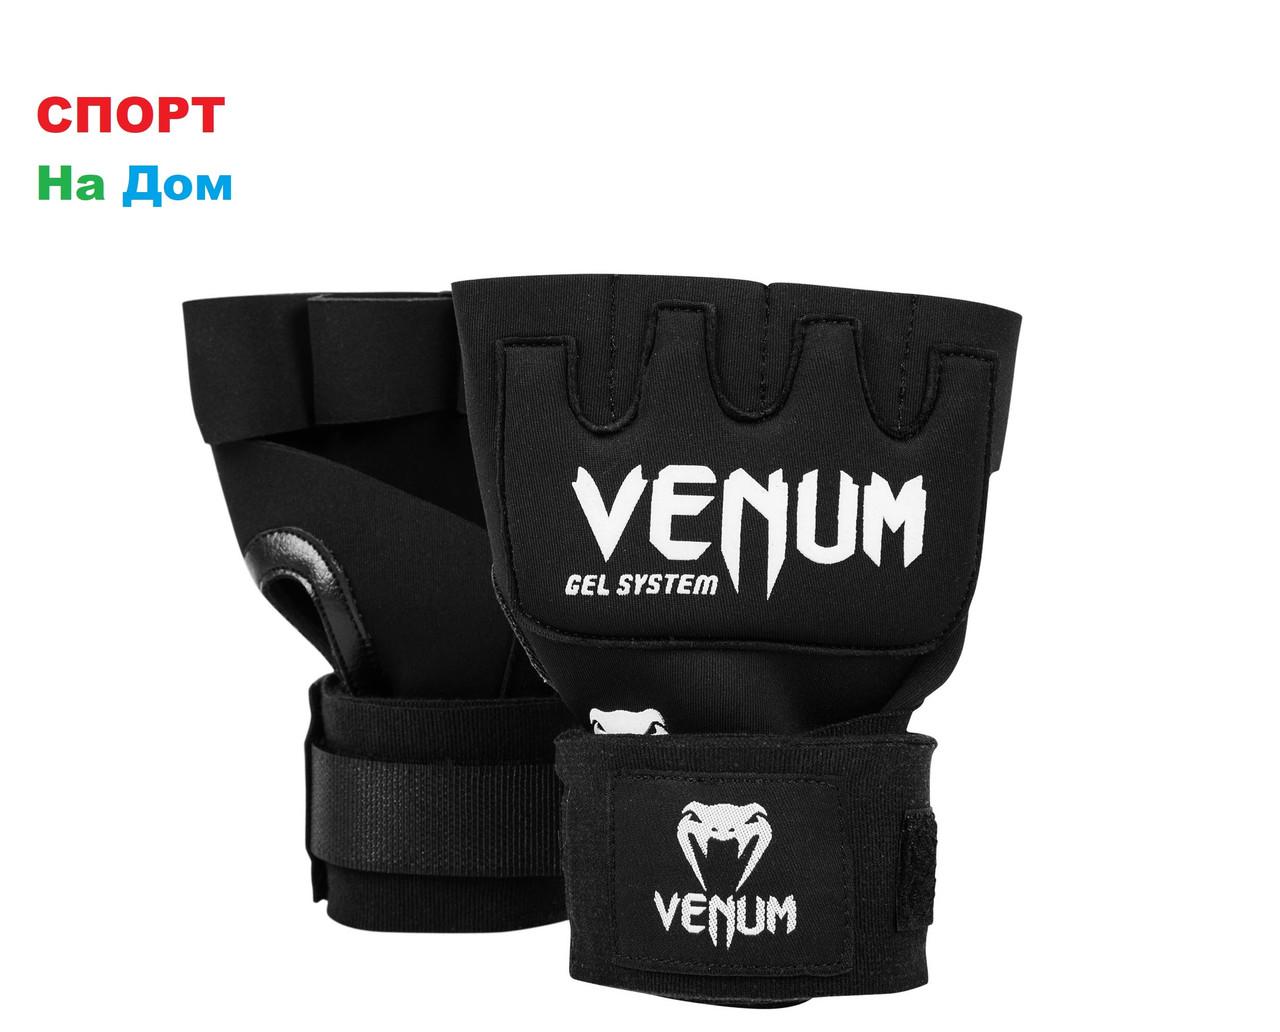 Быстрый бинт Venum (черный-с гелиевой вставкой) L